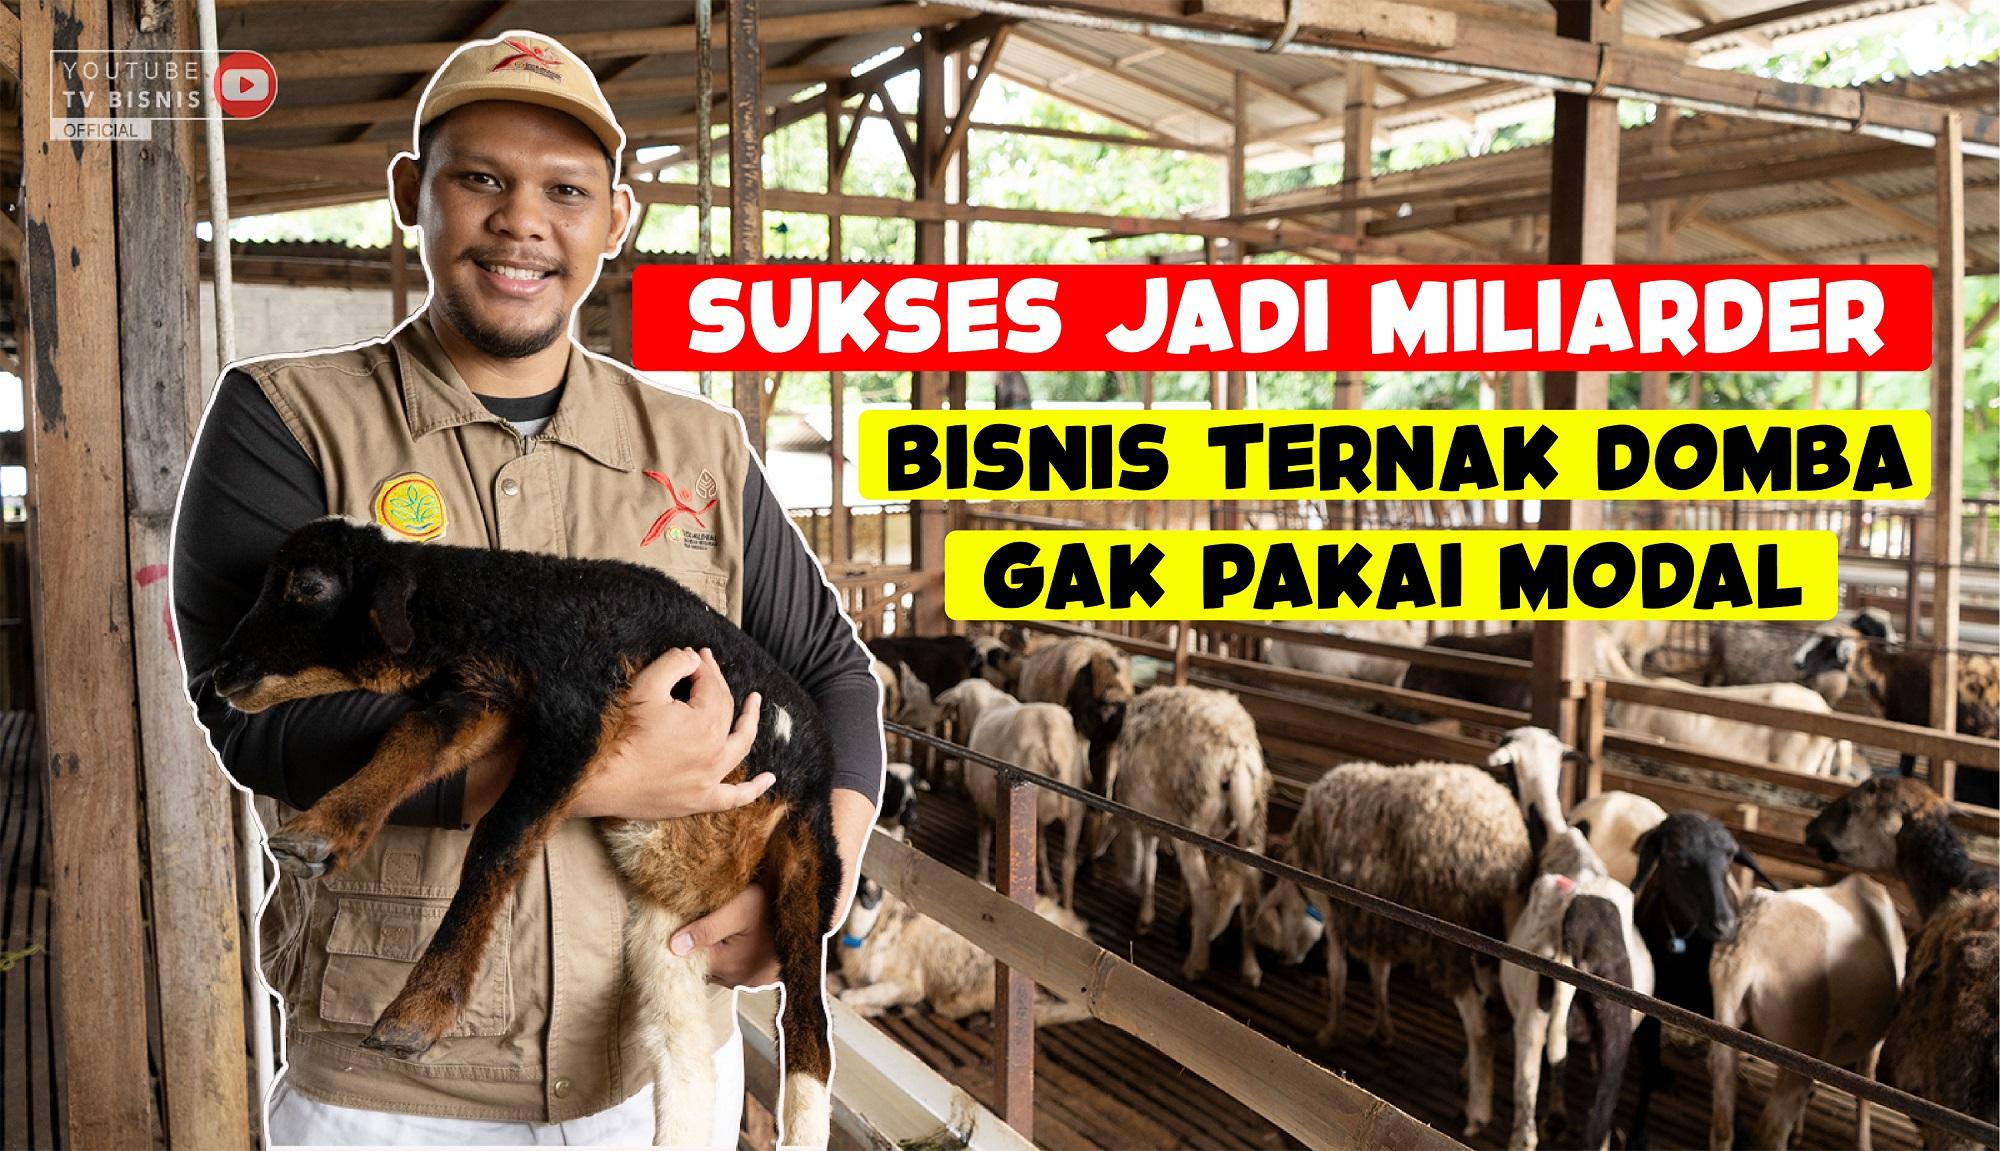 Kisah Sukses Bisnis Ternak Domba Nggak Pake Modal!